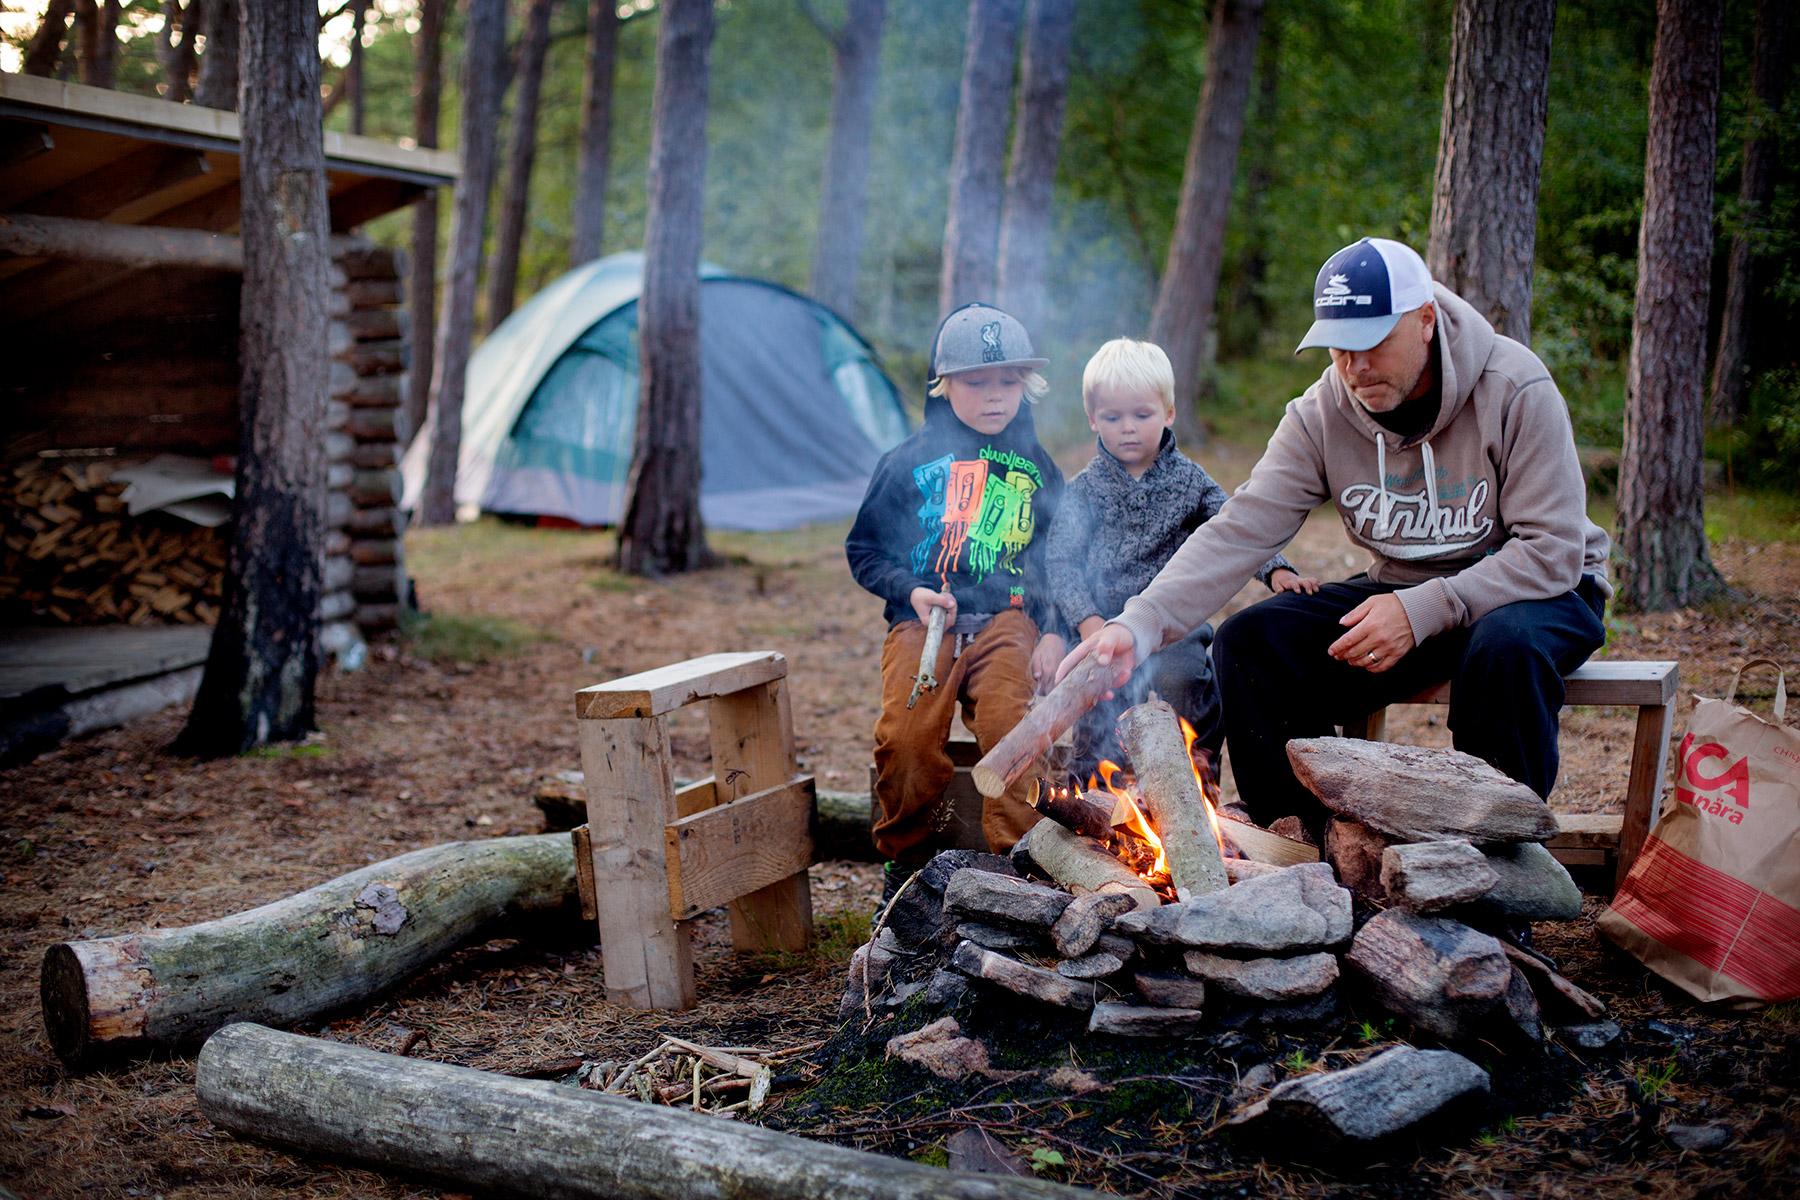 blogg-170816taltaiskogen13.jpg